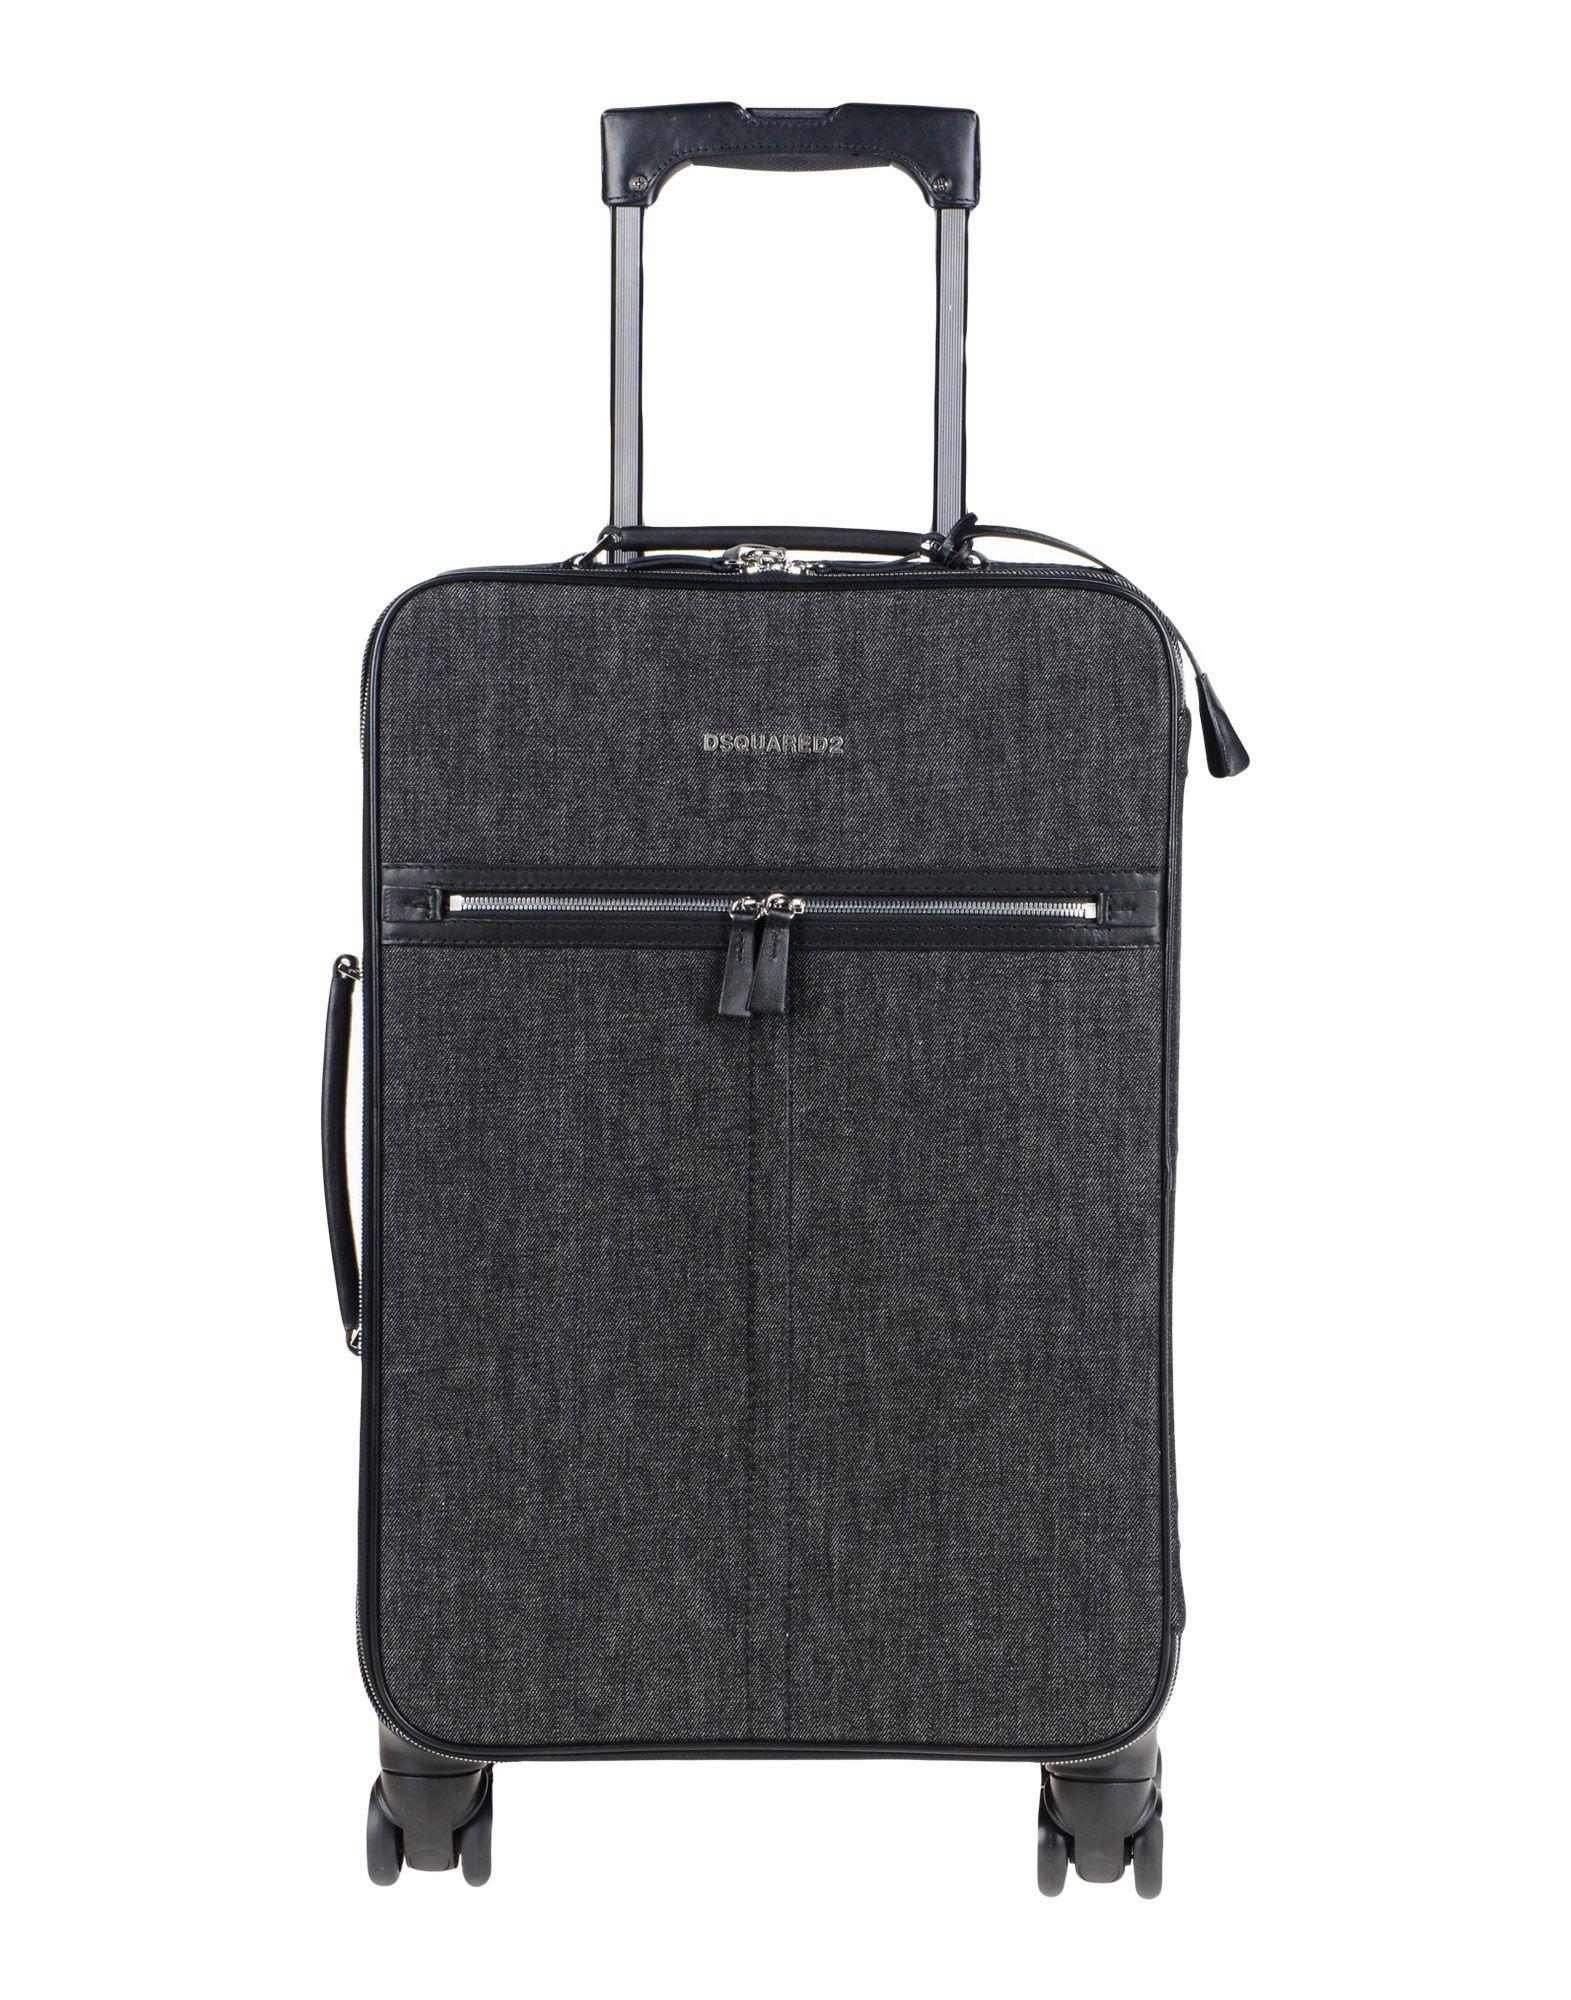 《期間限定セール中》DSQUARED2 メンズ キャスター付きバッグ ブラック 紡績繊維 / 革